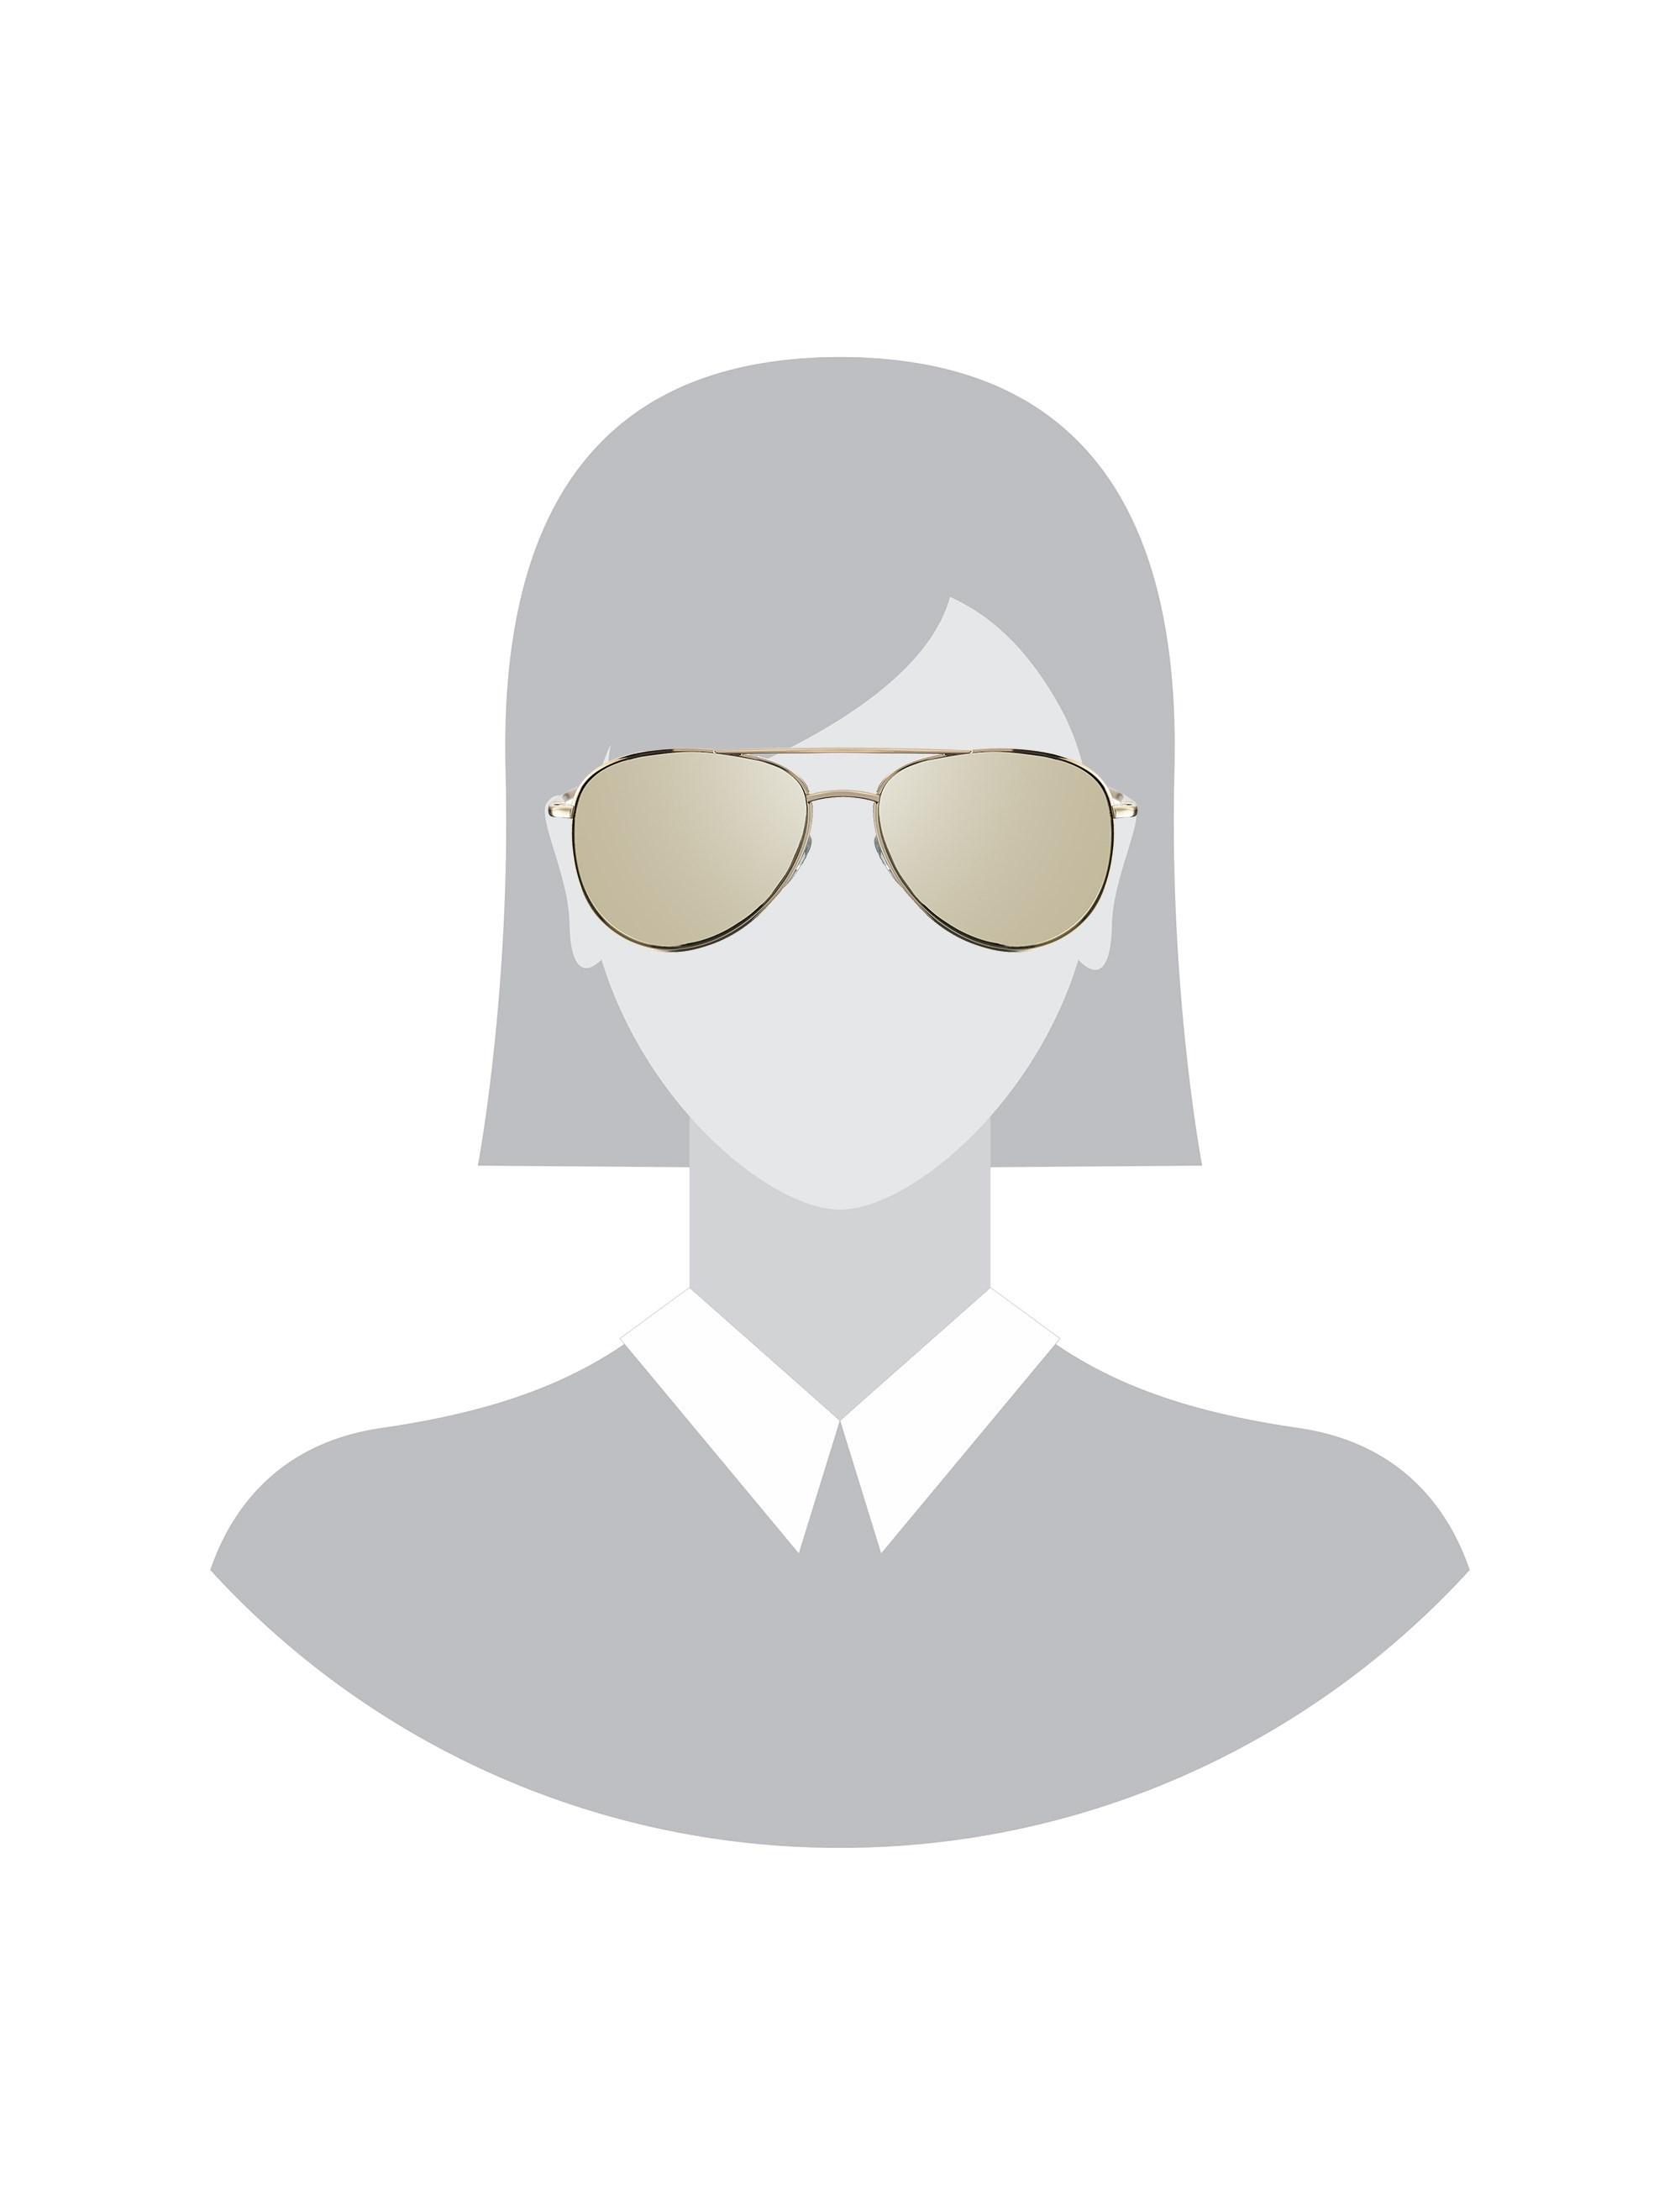 عینک آفتابی خلبانی زنانه - تد بیکر - طلايي    - 5